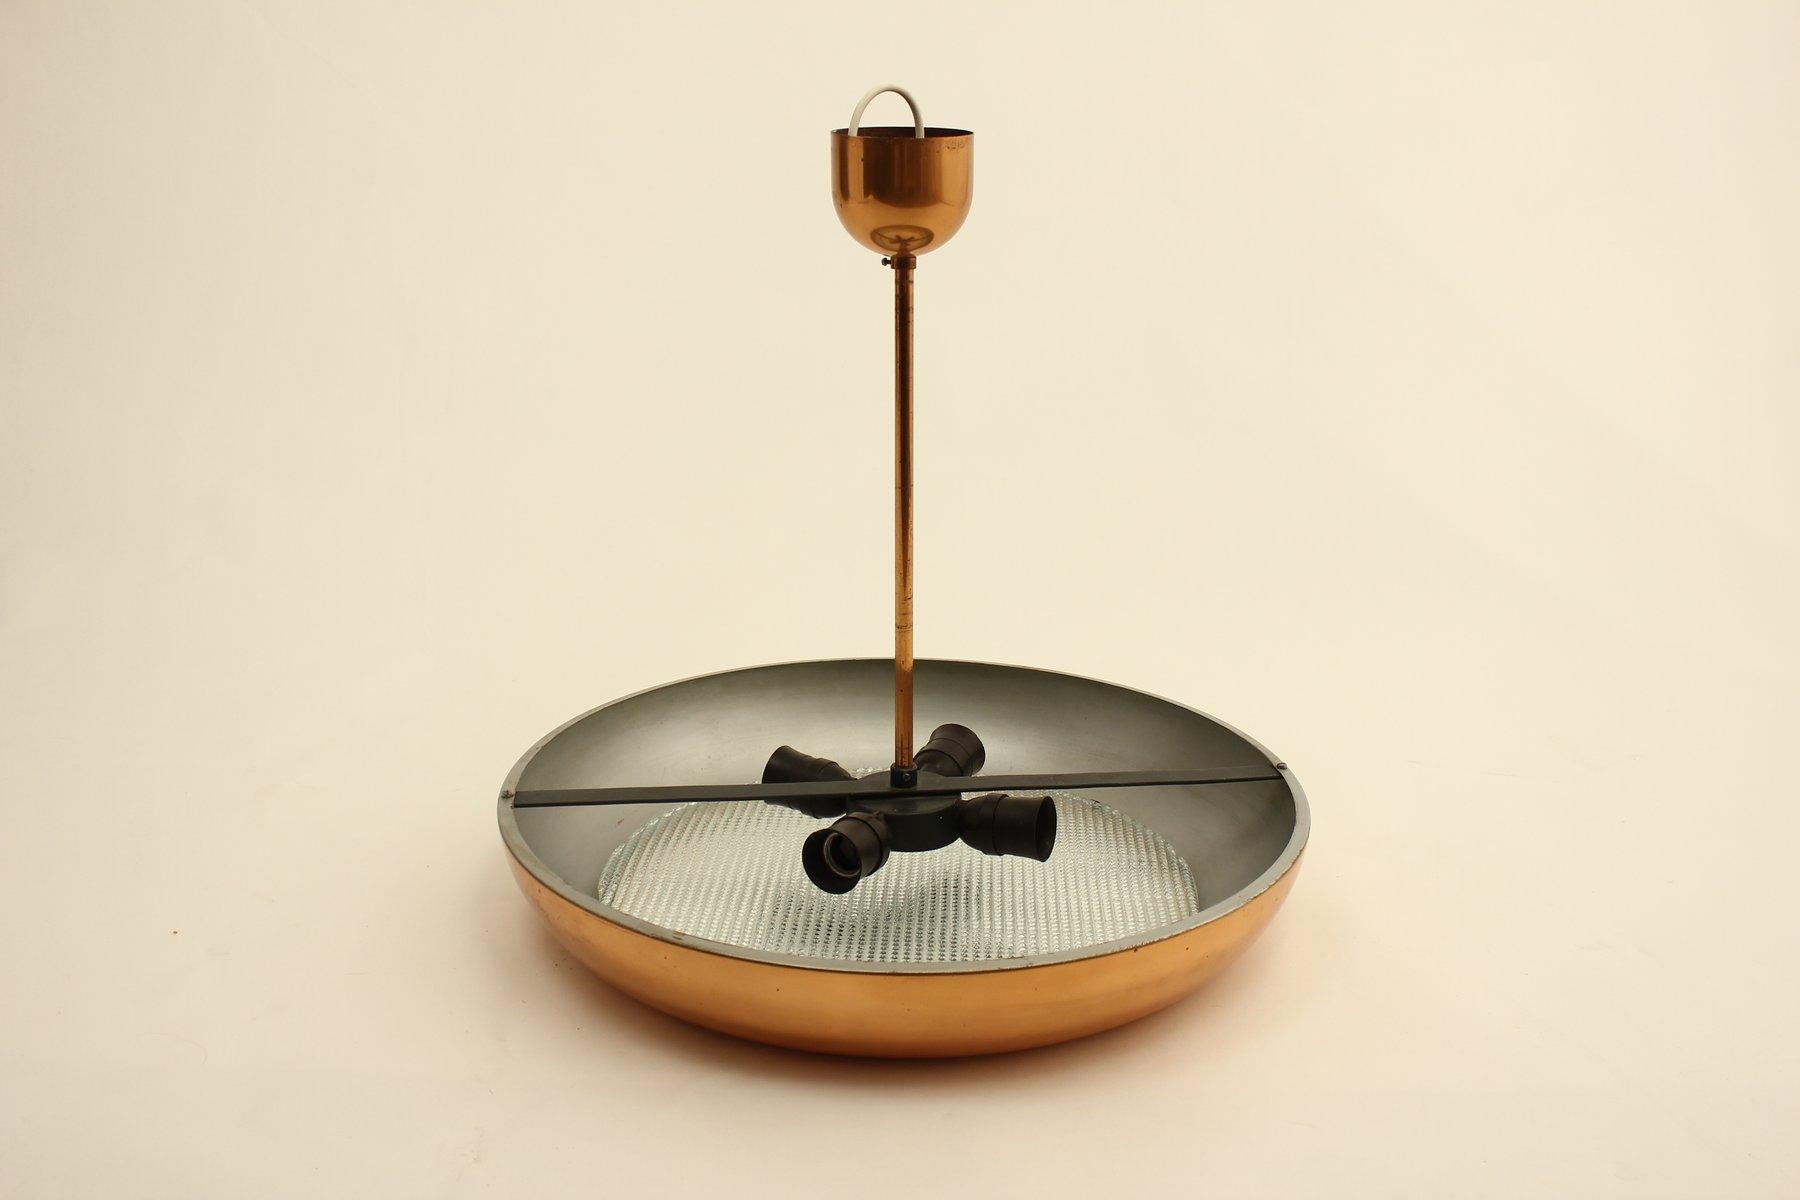 tschechische deckenlampe im bauhaus stil von josef hurka f r napako 1930er bei pamono kaufen. Black Bedroom Furniture Sets. Home Design Ideas